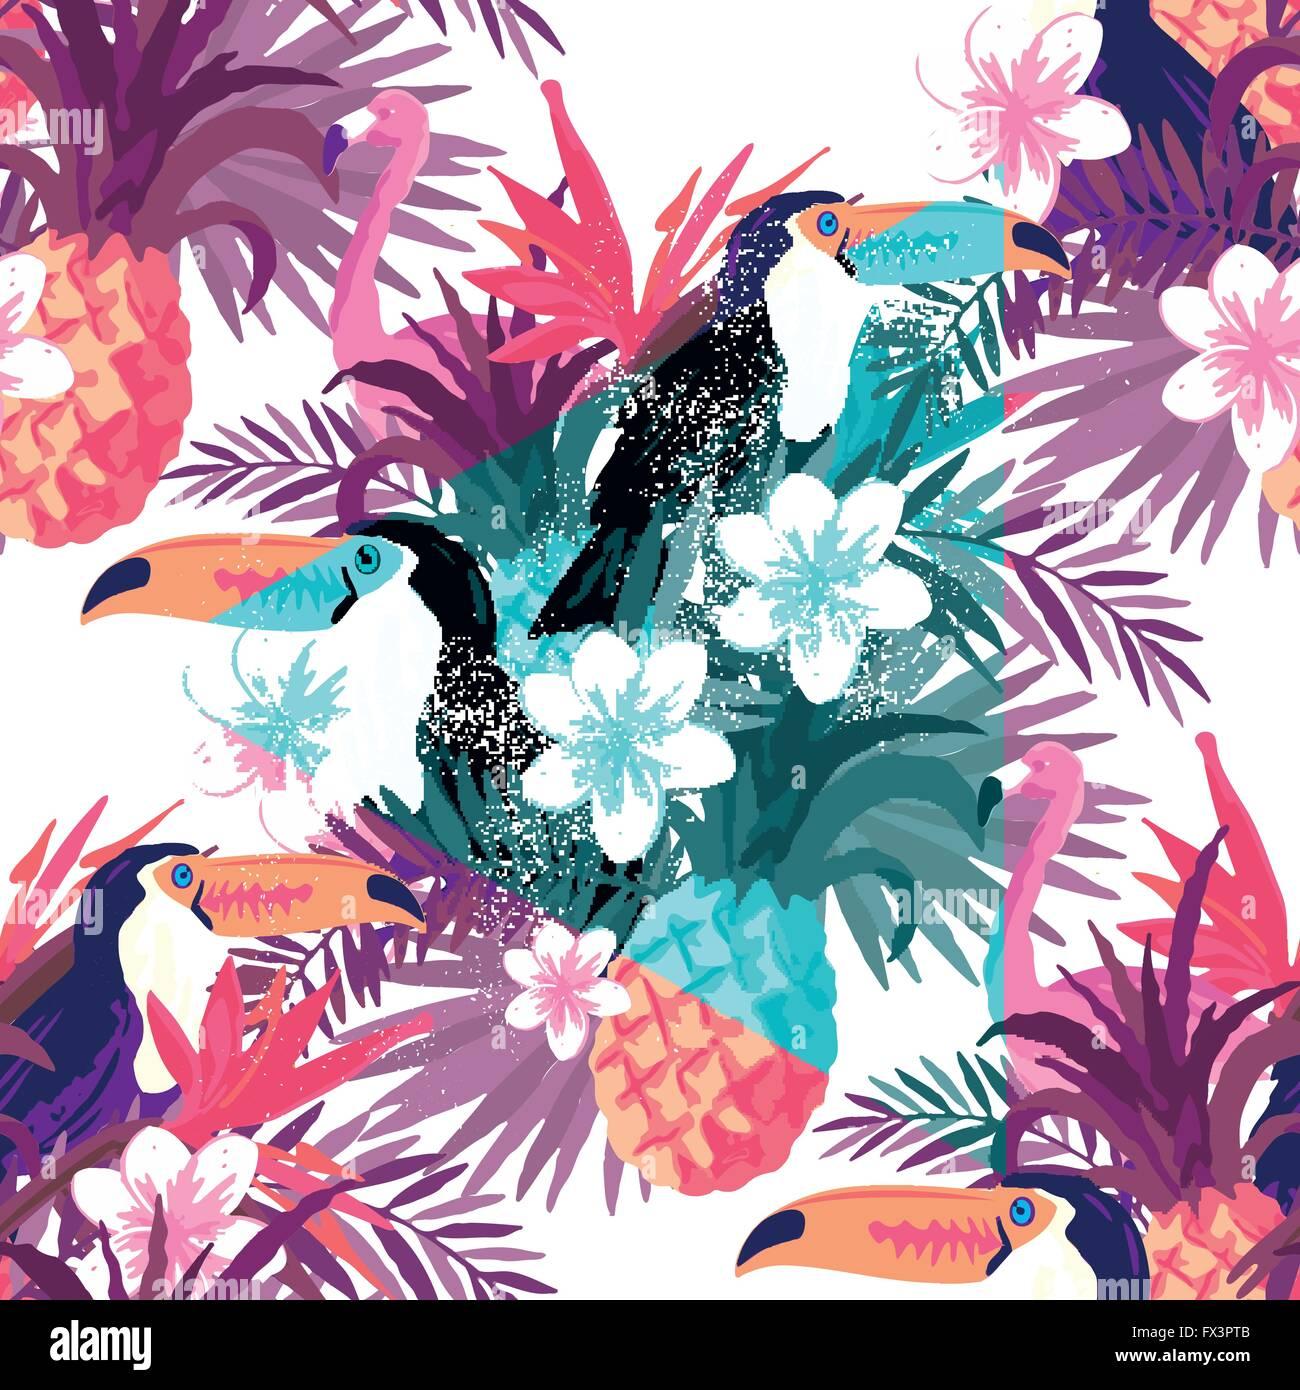 Tropischen abstrakten Hintergrund Vektor. Nahtlose Hintergrund Vektorgrafik. Stock Vektor